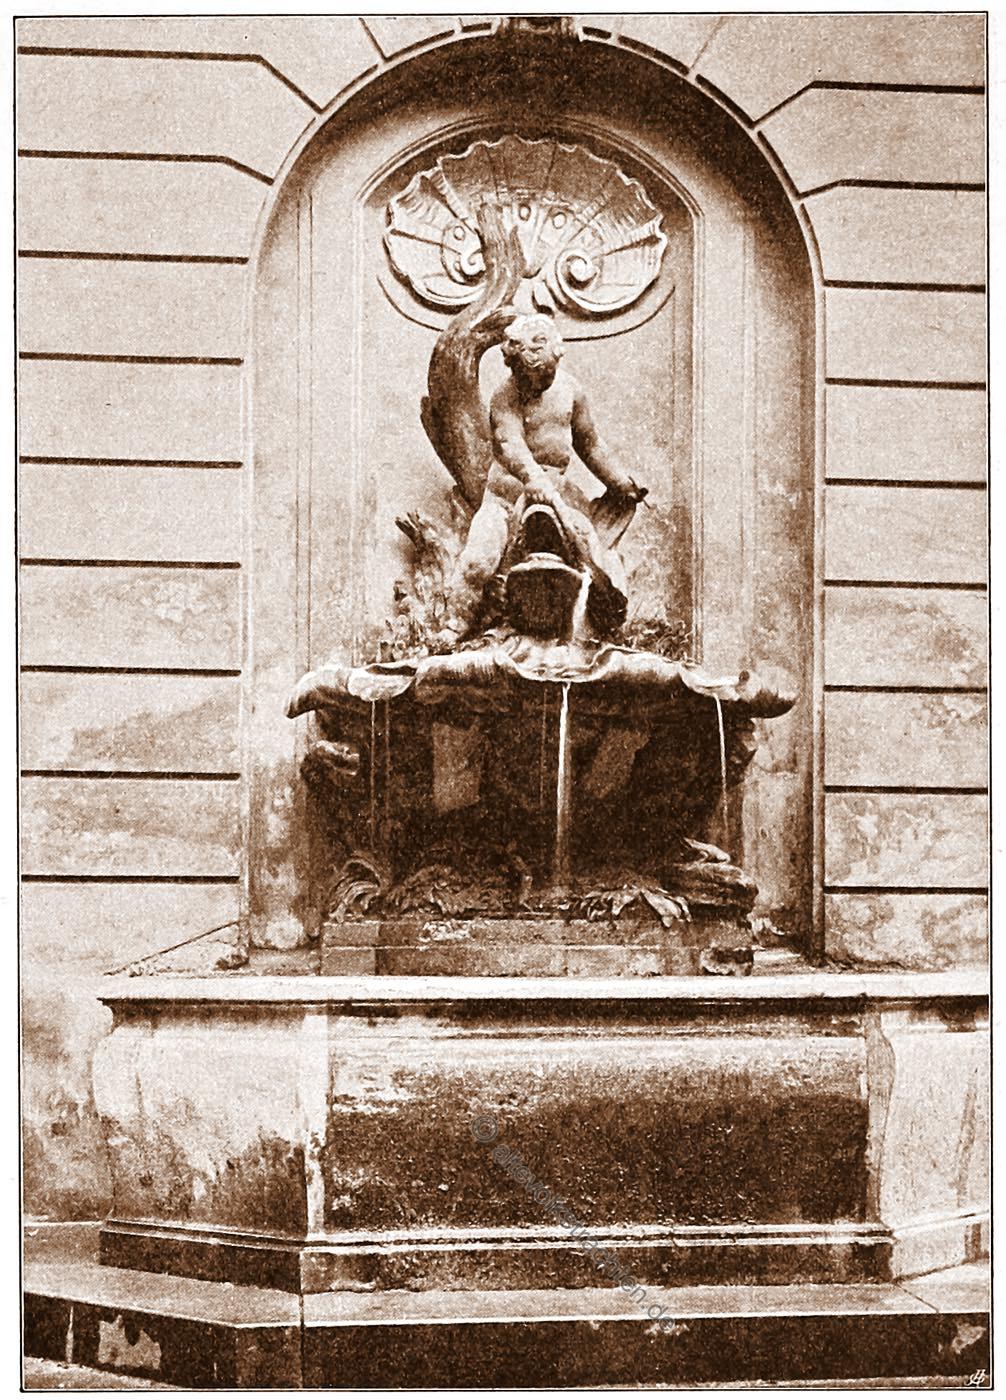 Wandbrunnen , Akademiegebäude, Wien, Brunnen, Österreich, Architektur, Hartwig Fischel,